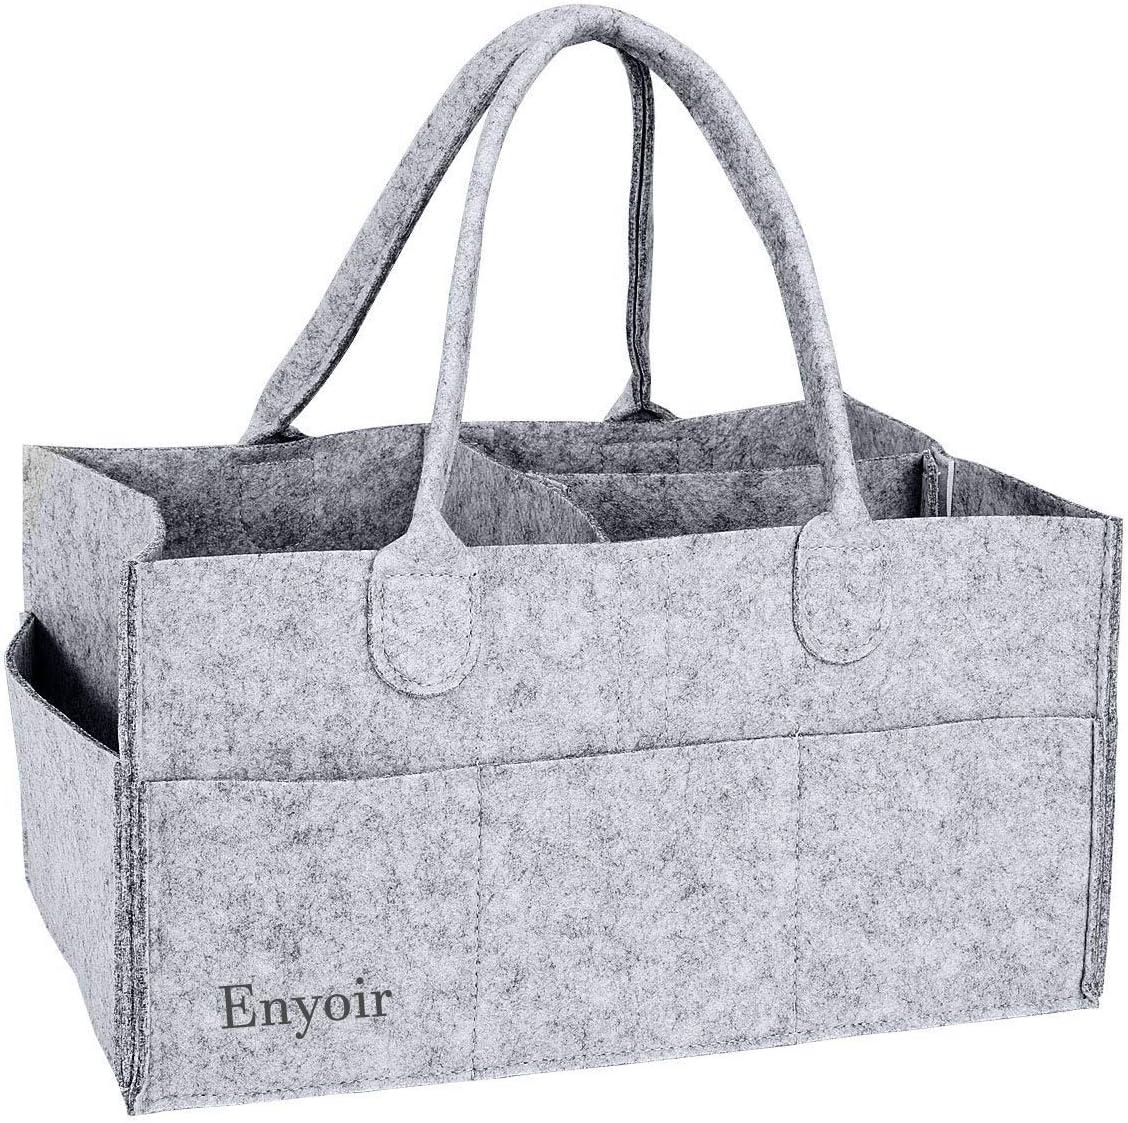 cesta de almacenamiento port/átil con compartimentos intercambiables Enyoir gris oscuro Organizador plegable para pa/ñales de beb/é